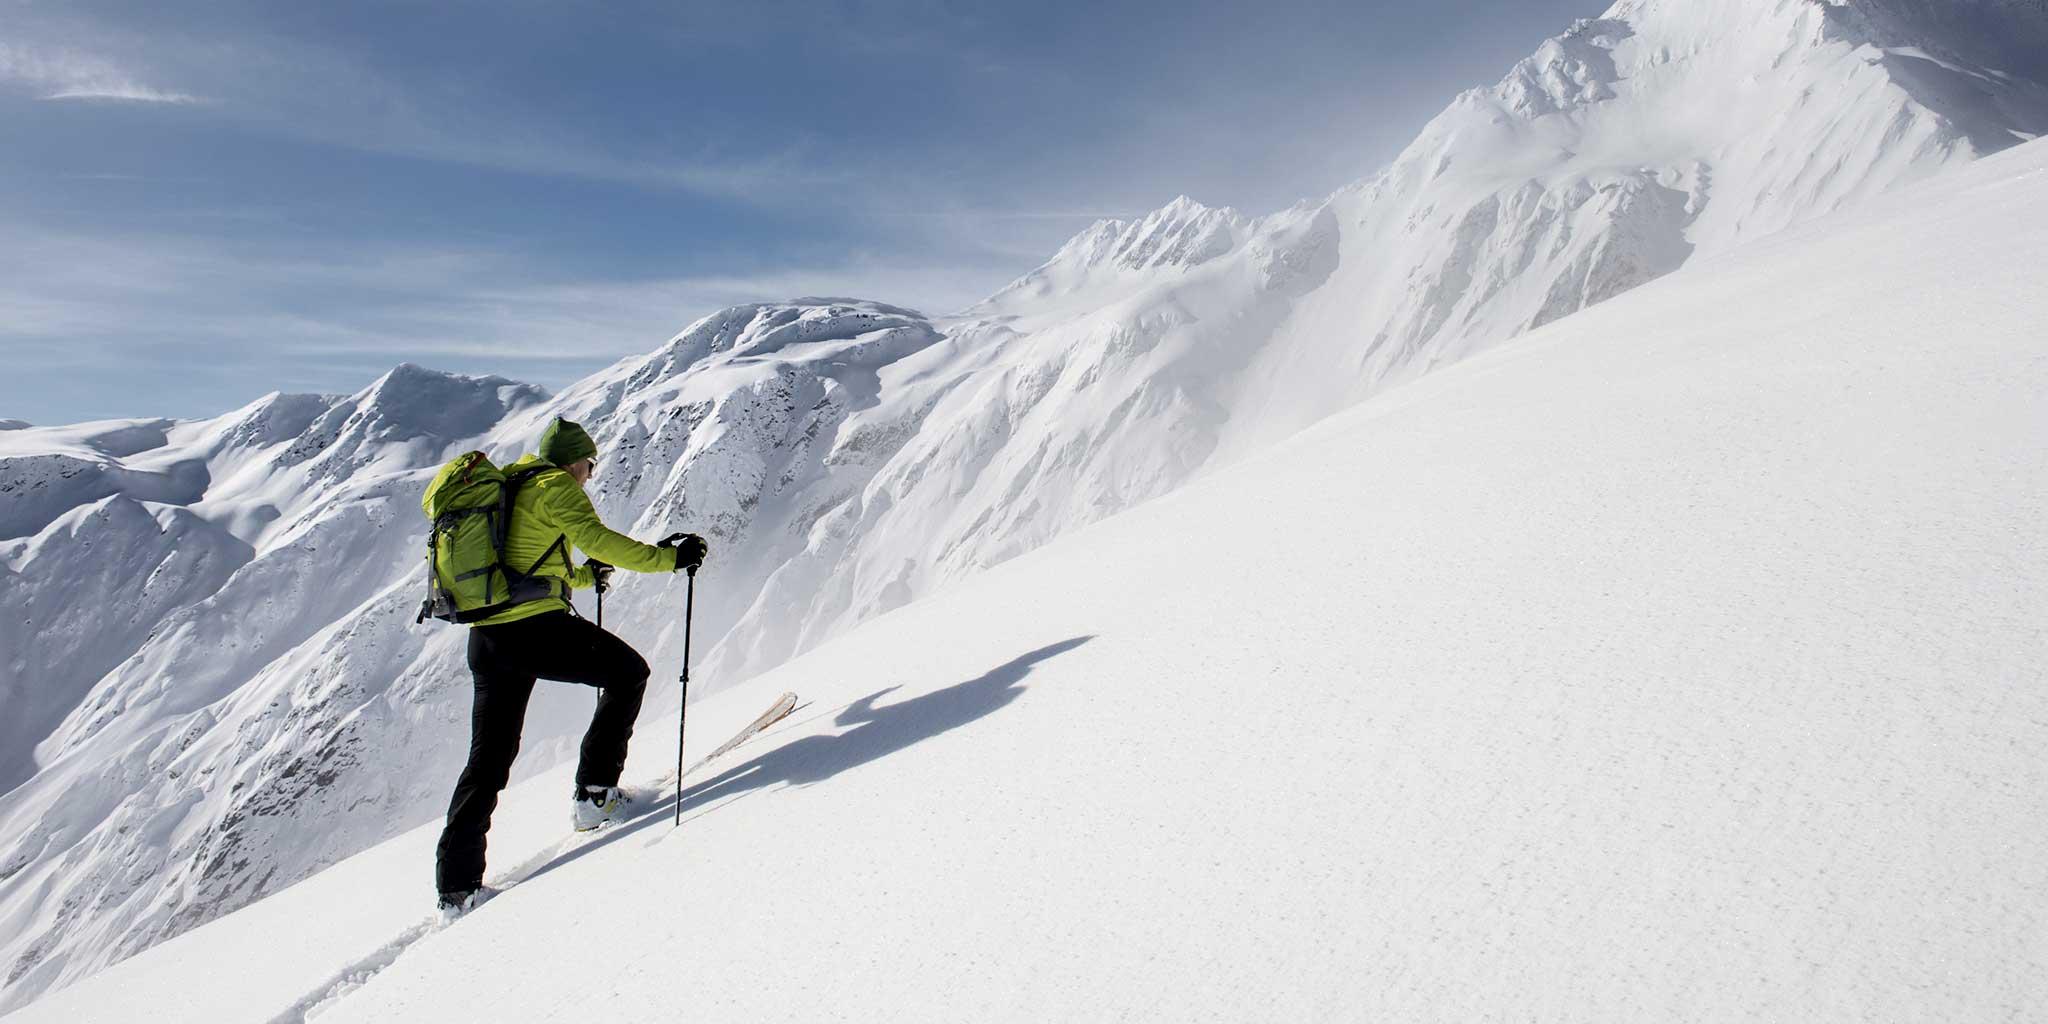 Skiër beklimt een berg